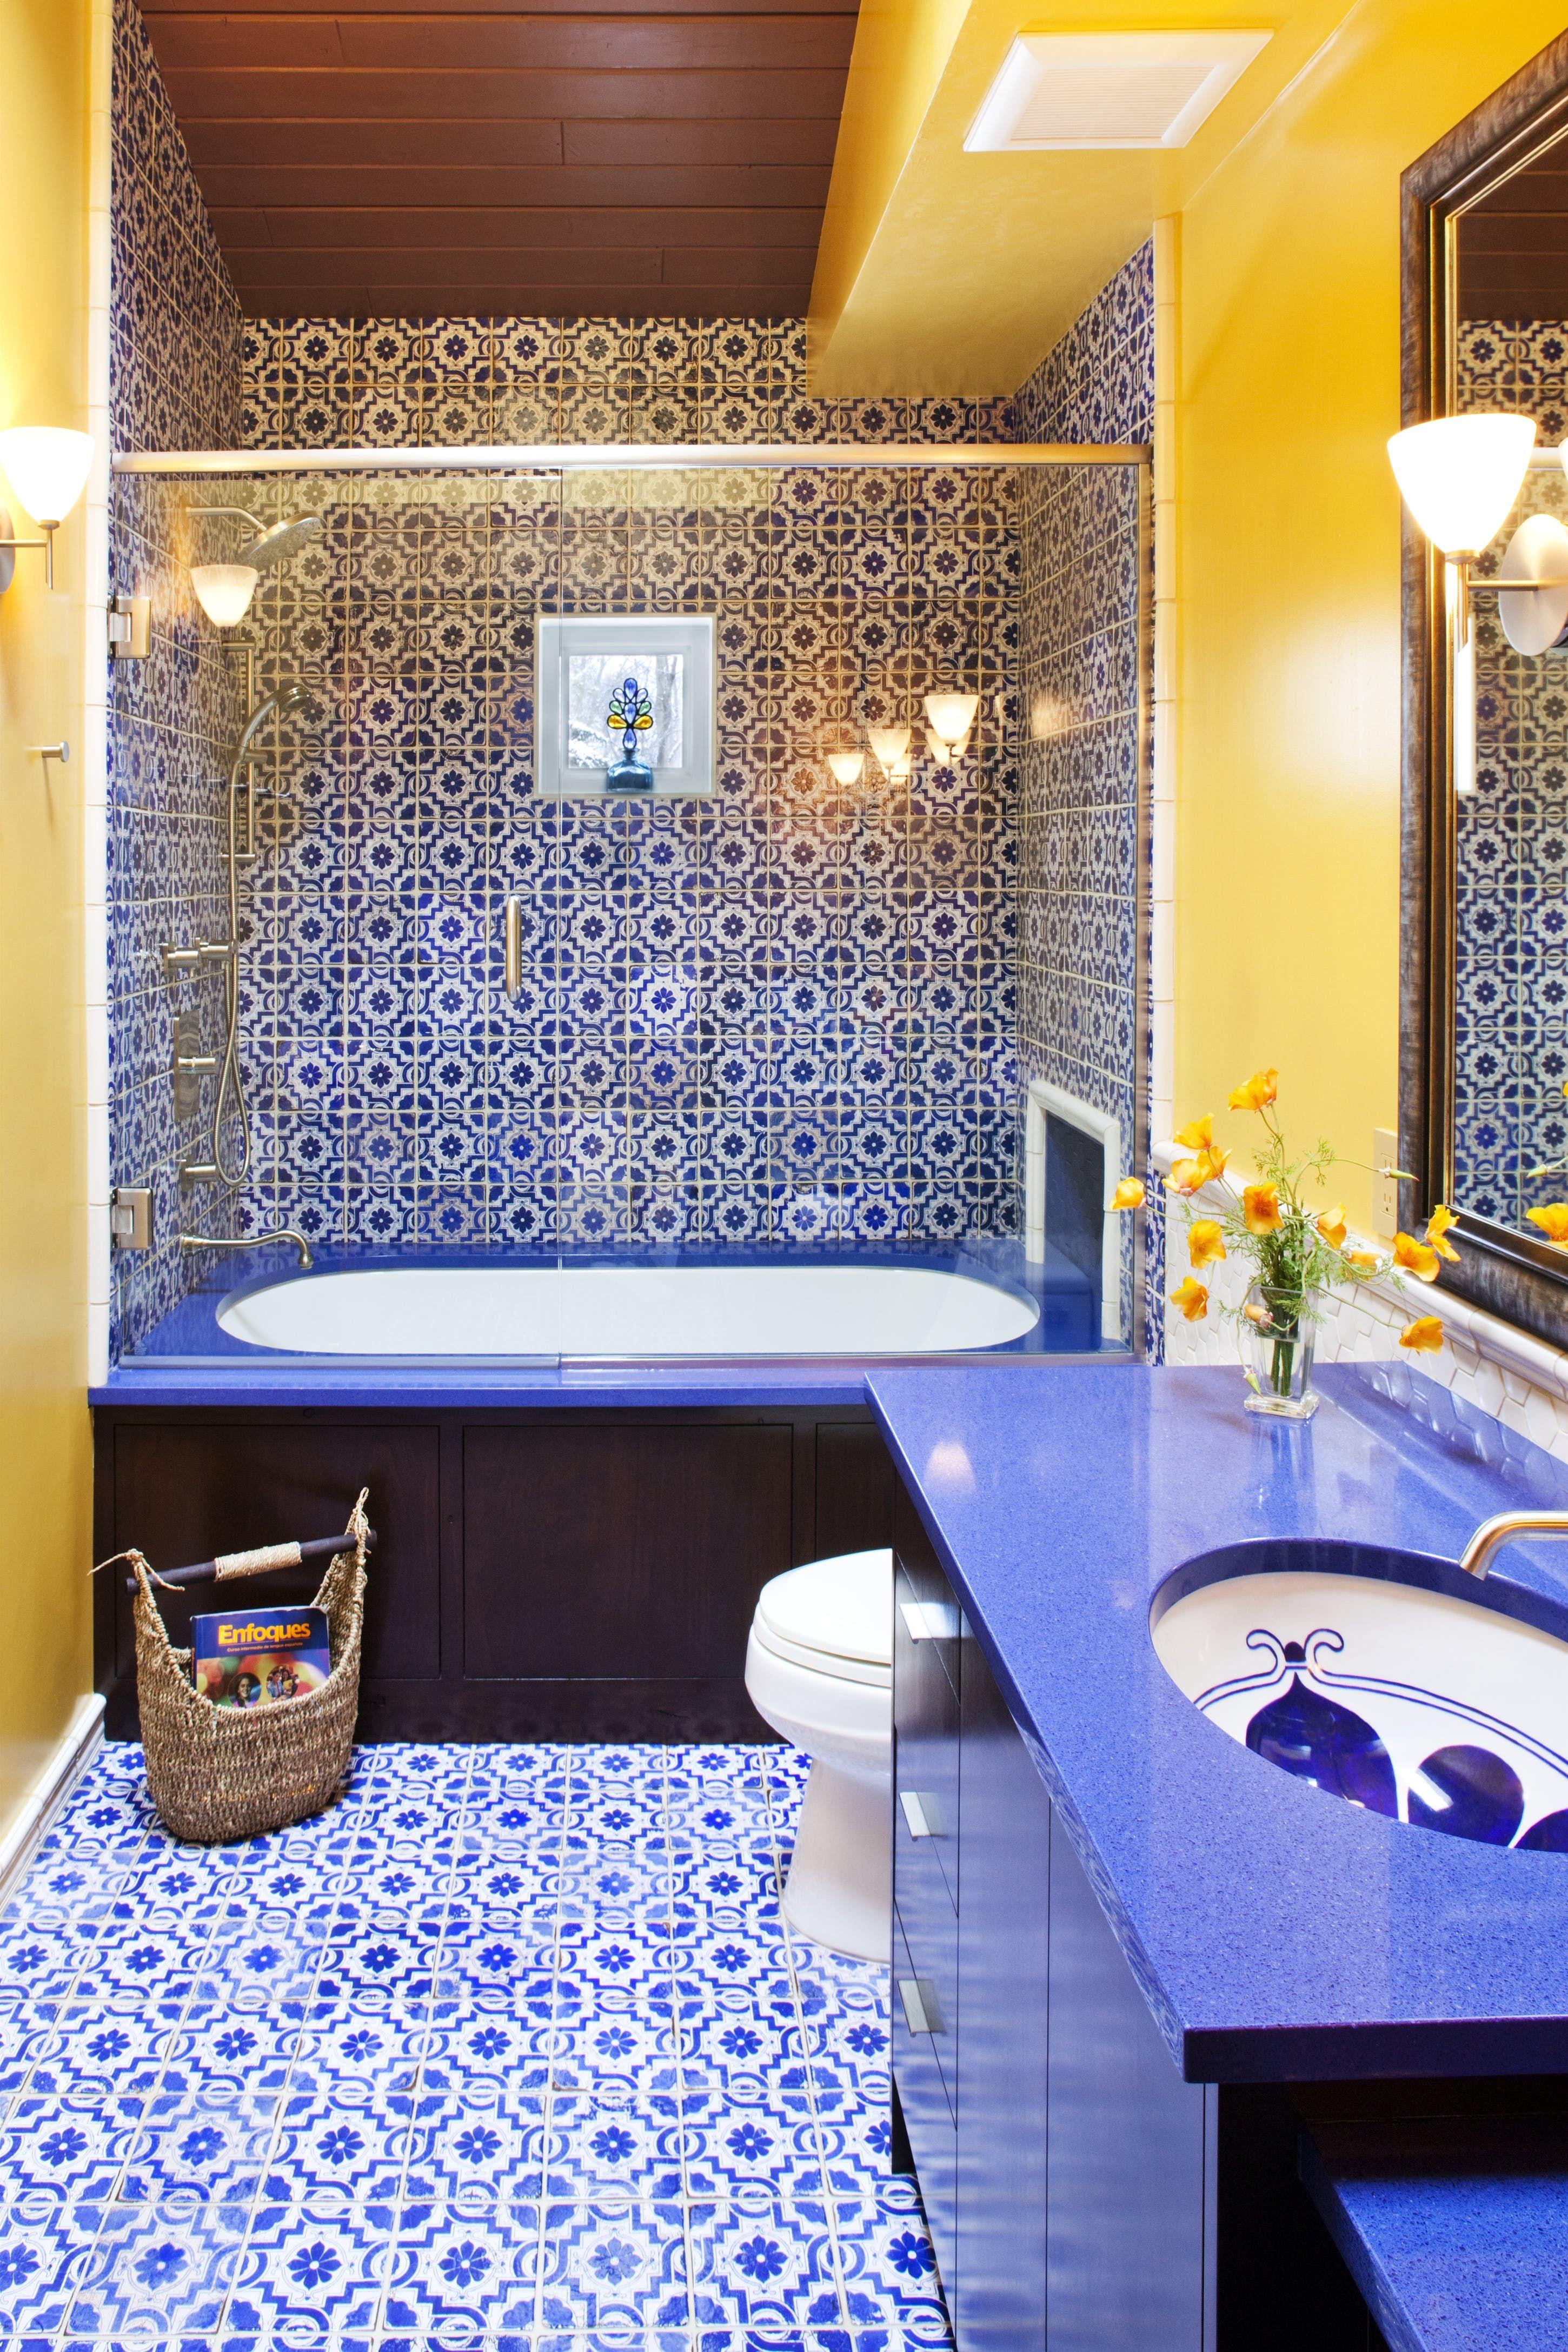 24 Creative Blue And Green Tiled Bathrooms - Best Tiled Bathroom Ideas